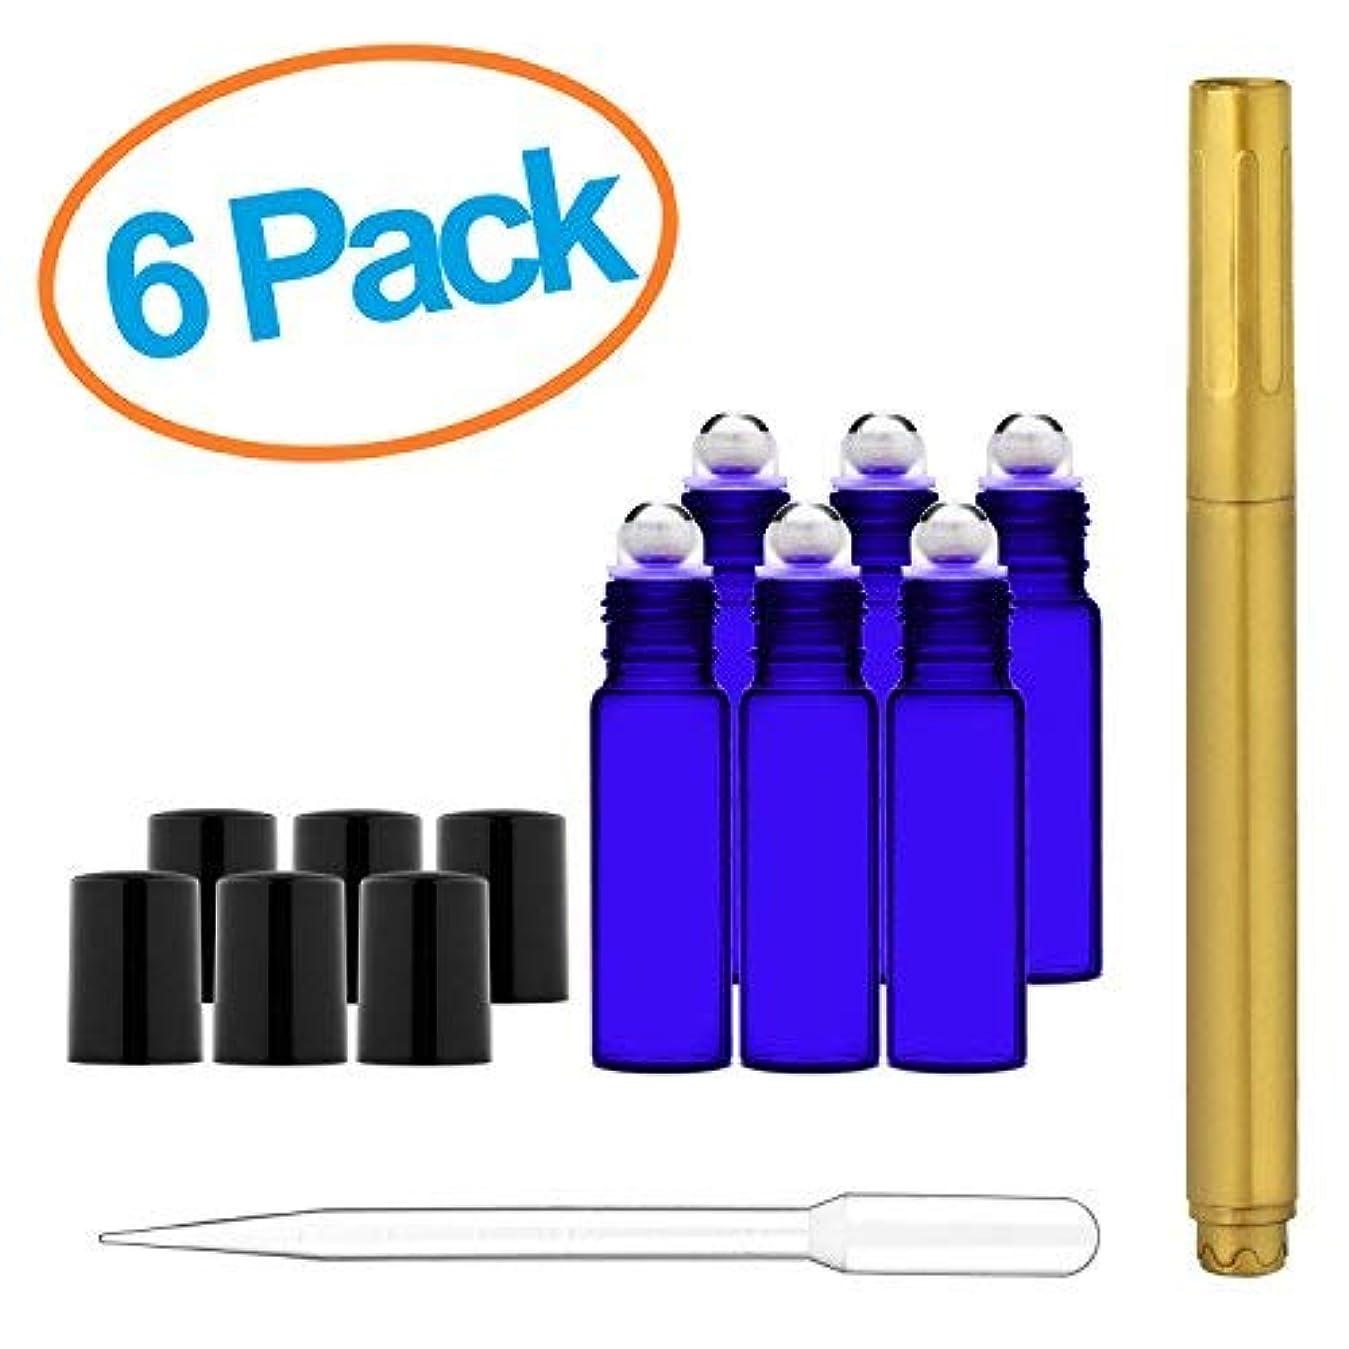 静脈債権者スーダンCulinaire 6 Pack Of 10 ml Blue Glass Bottles with Stainless Steel Roller Balls/Caps & 3 ml Dropper with Gold Glass...